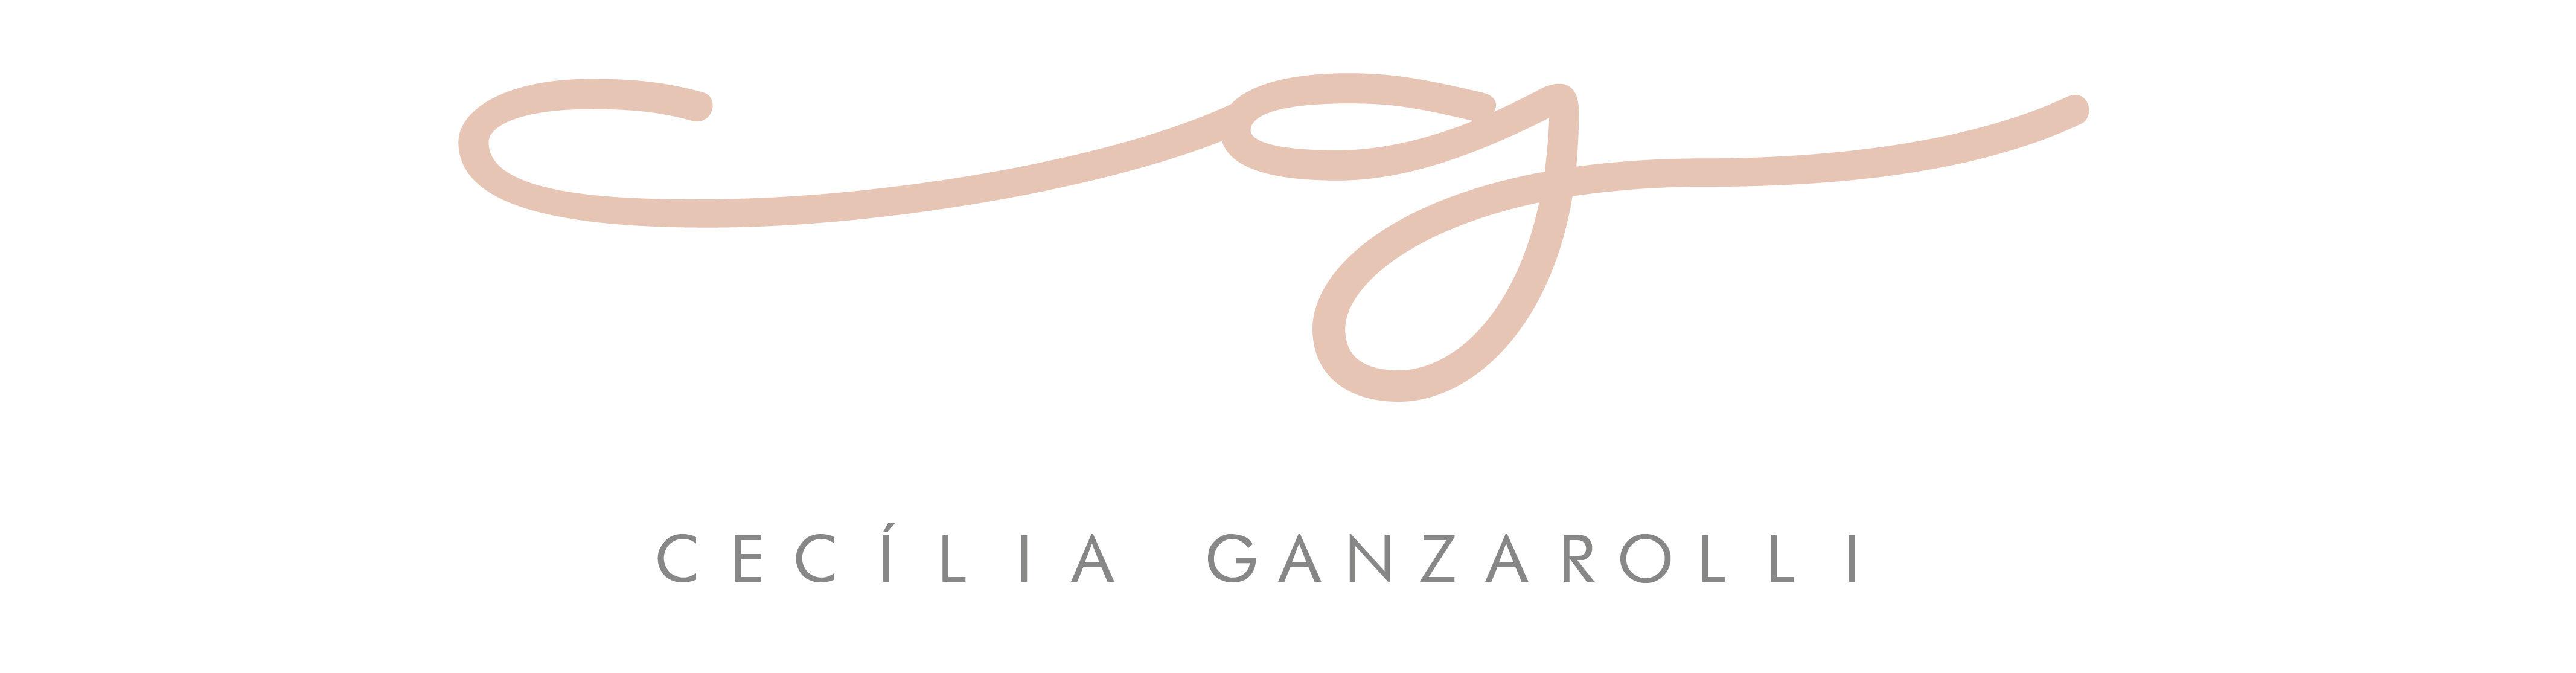 Cecília Ganzarolli